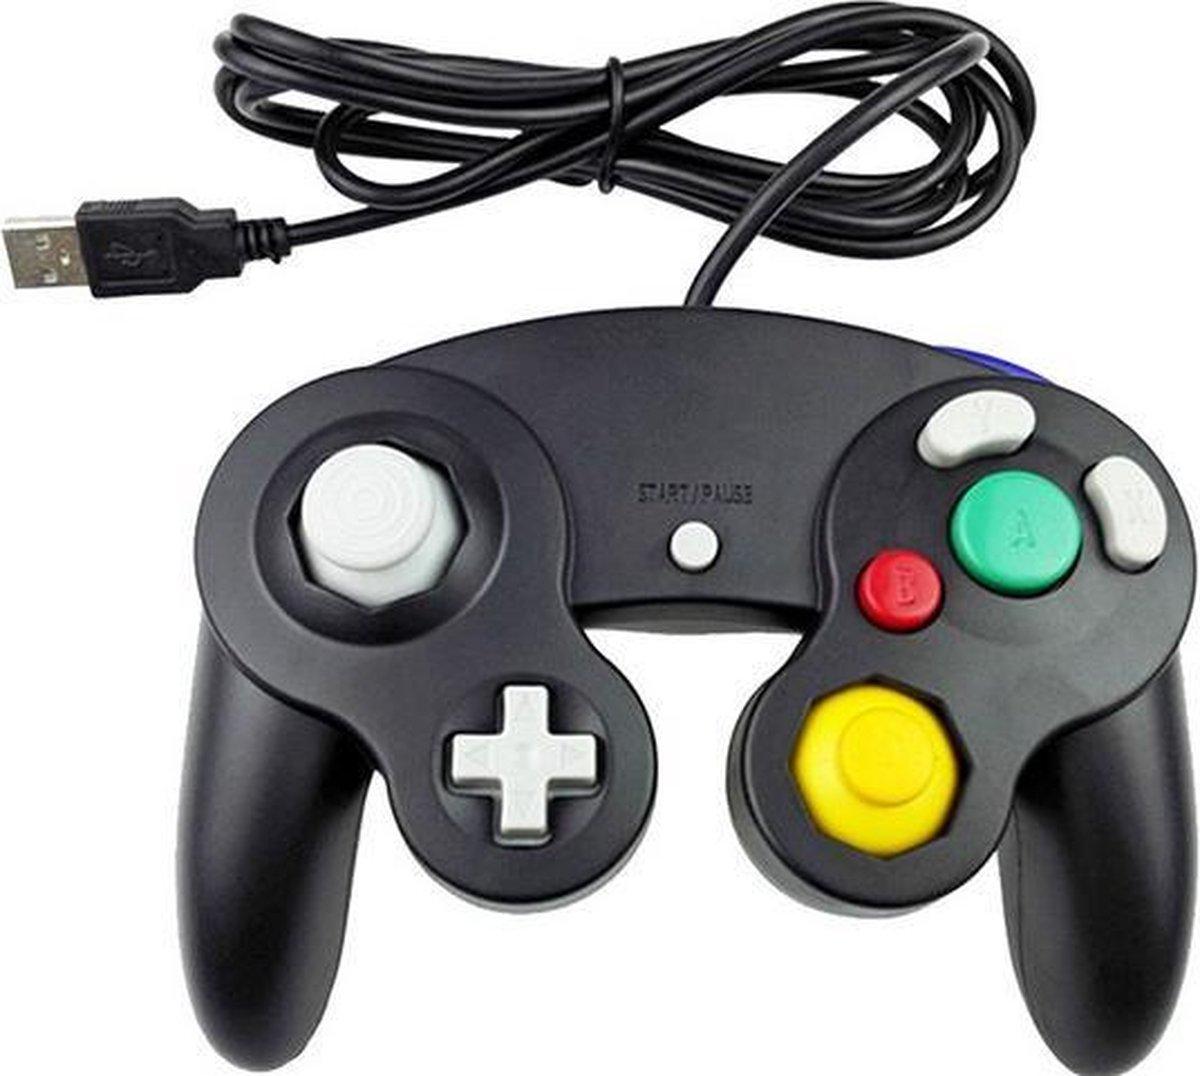 Coretek Nintendo GameCube style USB controller voor PC, notebook en emulator / zwart – 1,4 meter